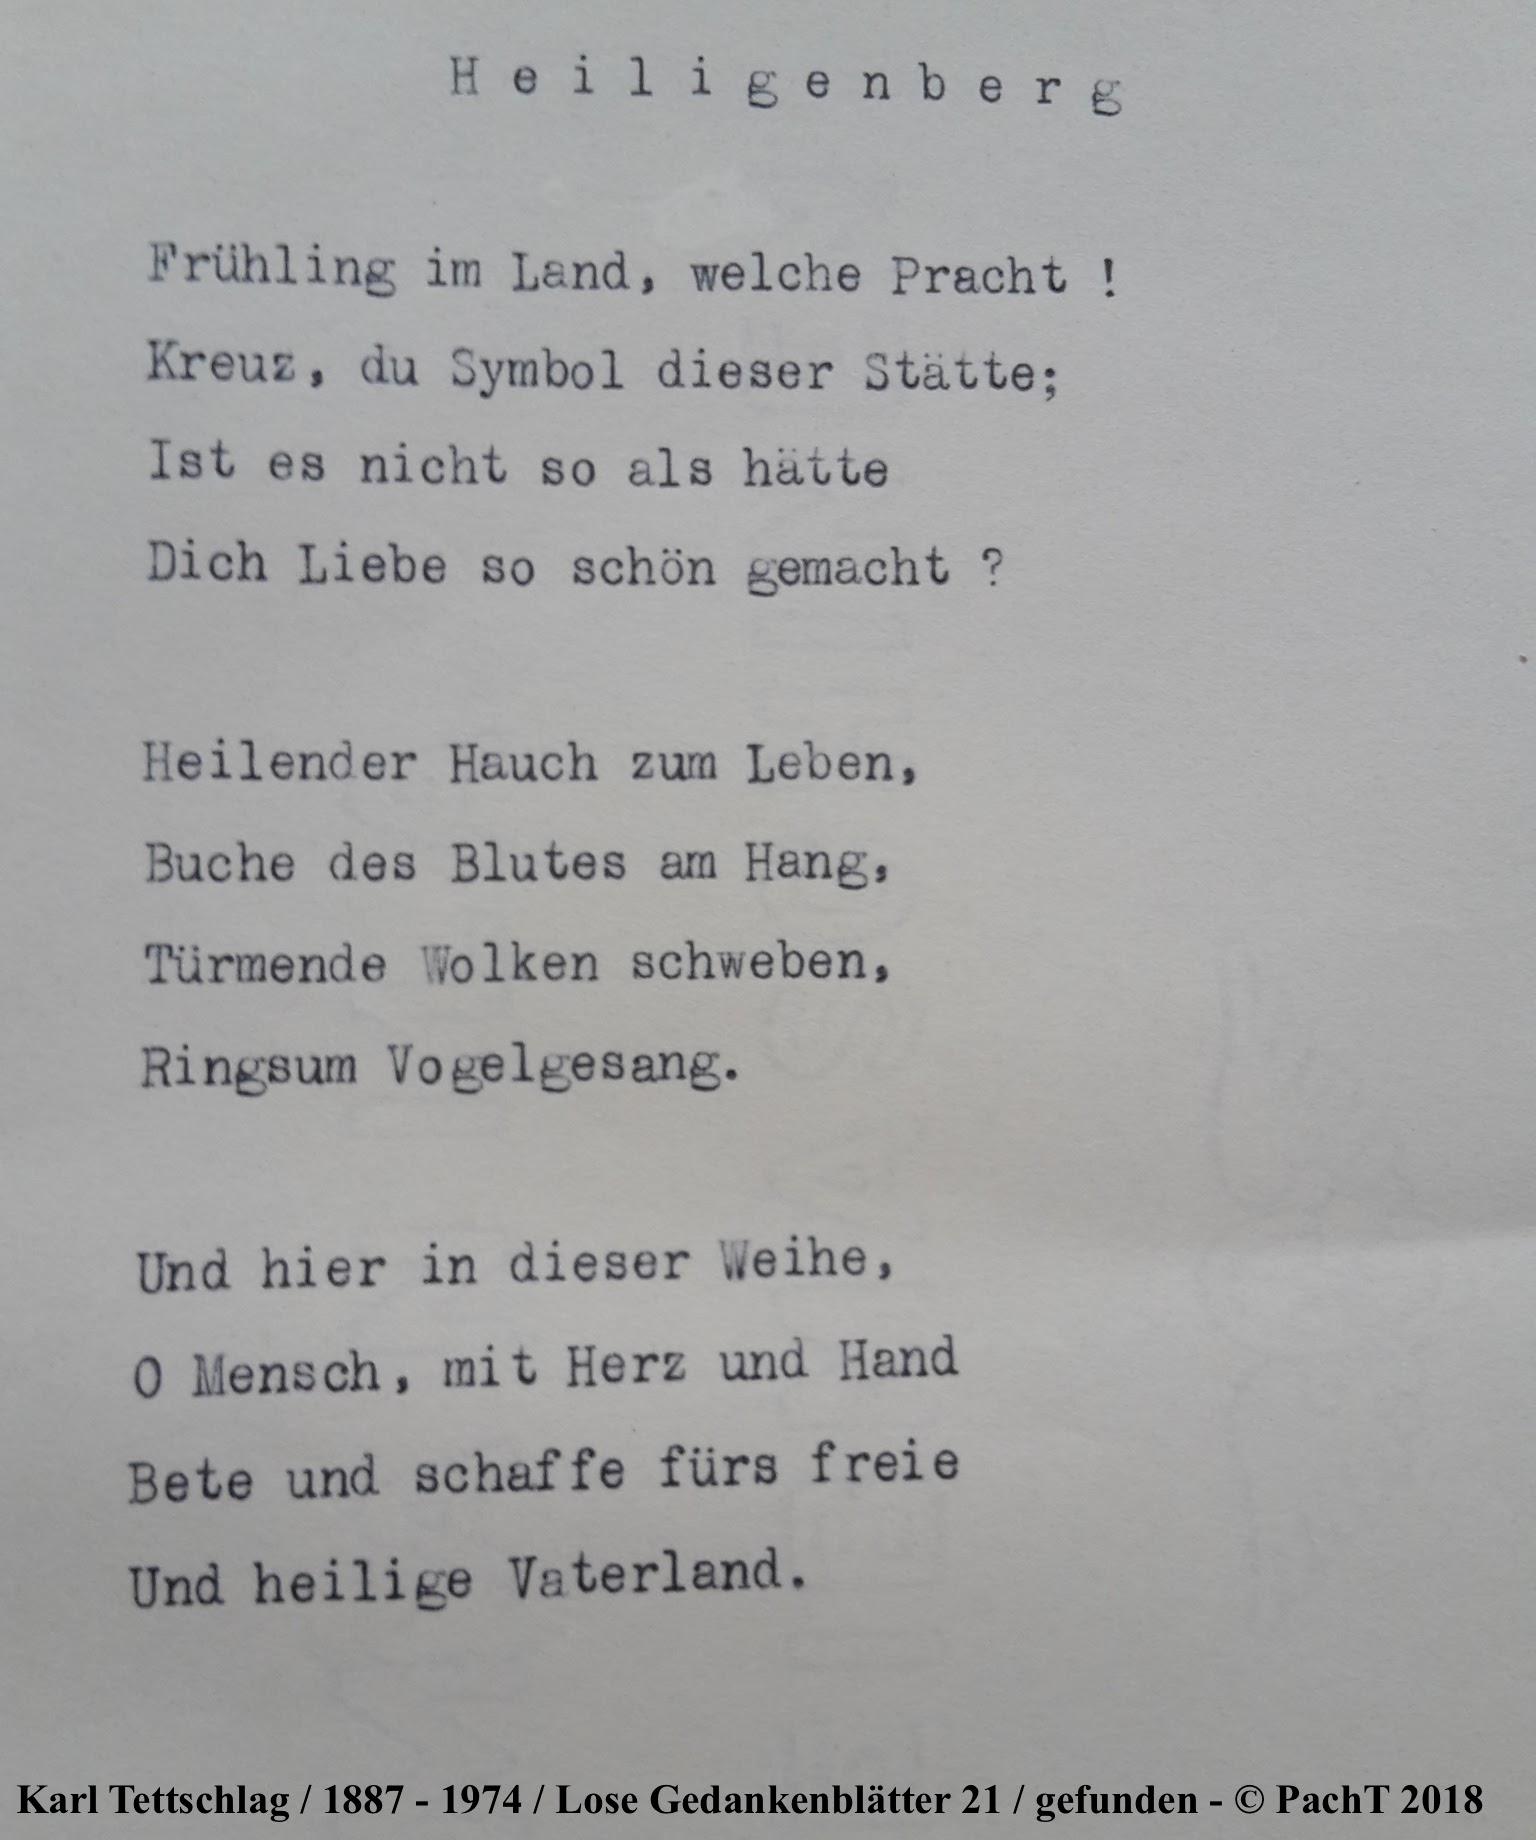 1887 - 1974 Erinnerungen an meinen Opa _ Lose GedankenBlätter 21